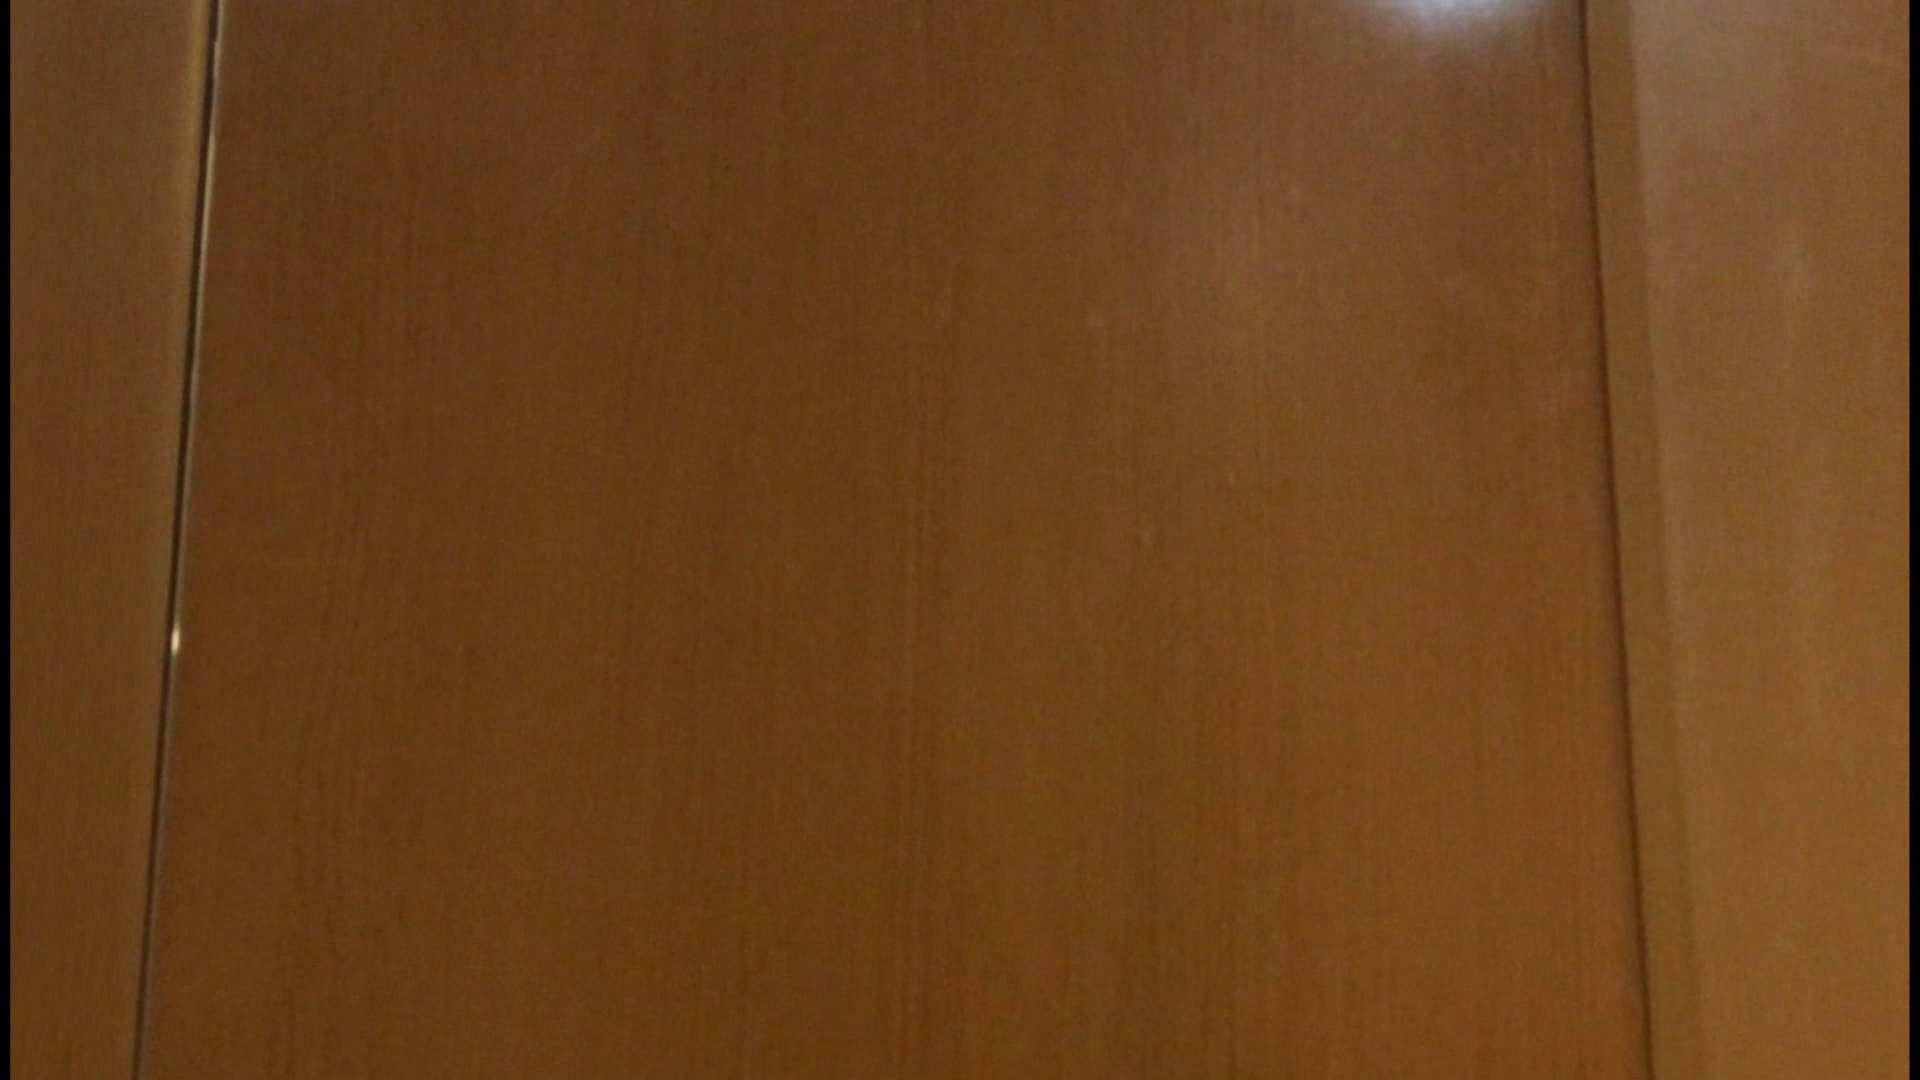 「噂」の国の厠観察日記2 Vol.08 人気シリーズ エロ無料画像 12pic 2